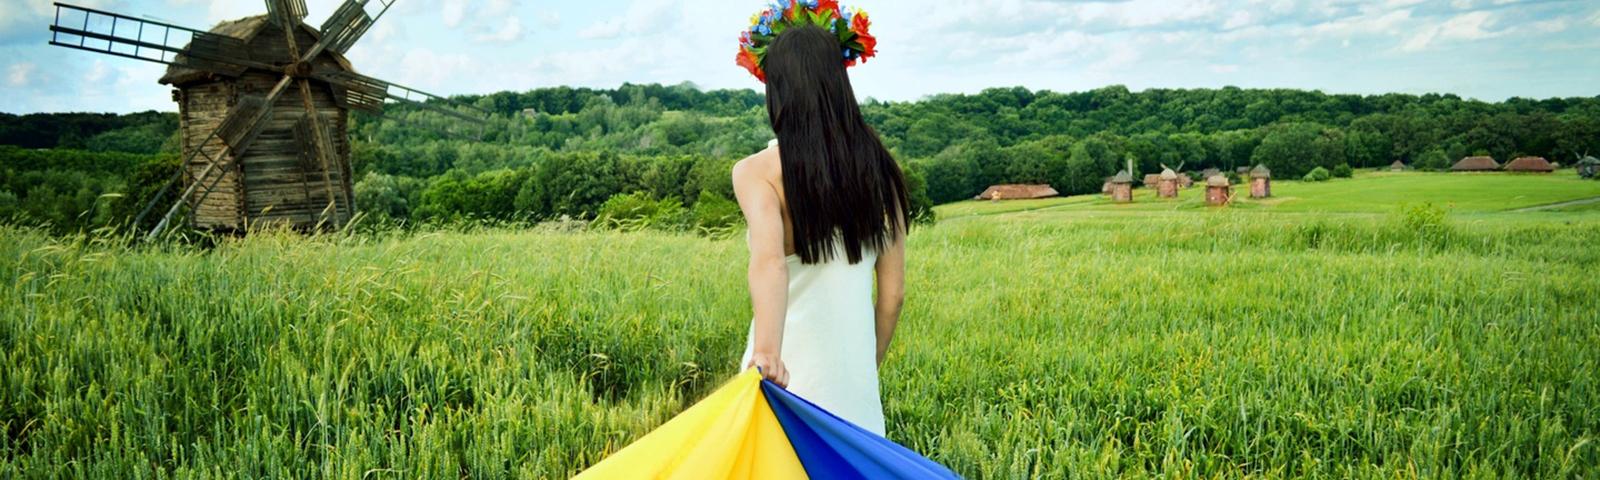 девушка и украина фото